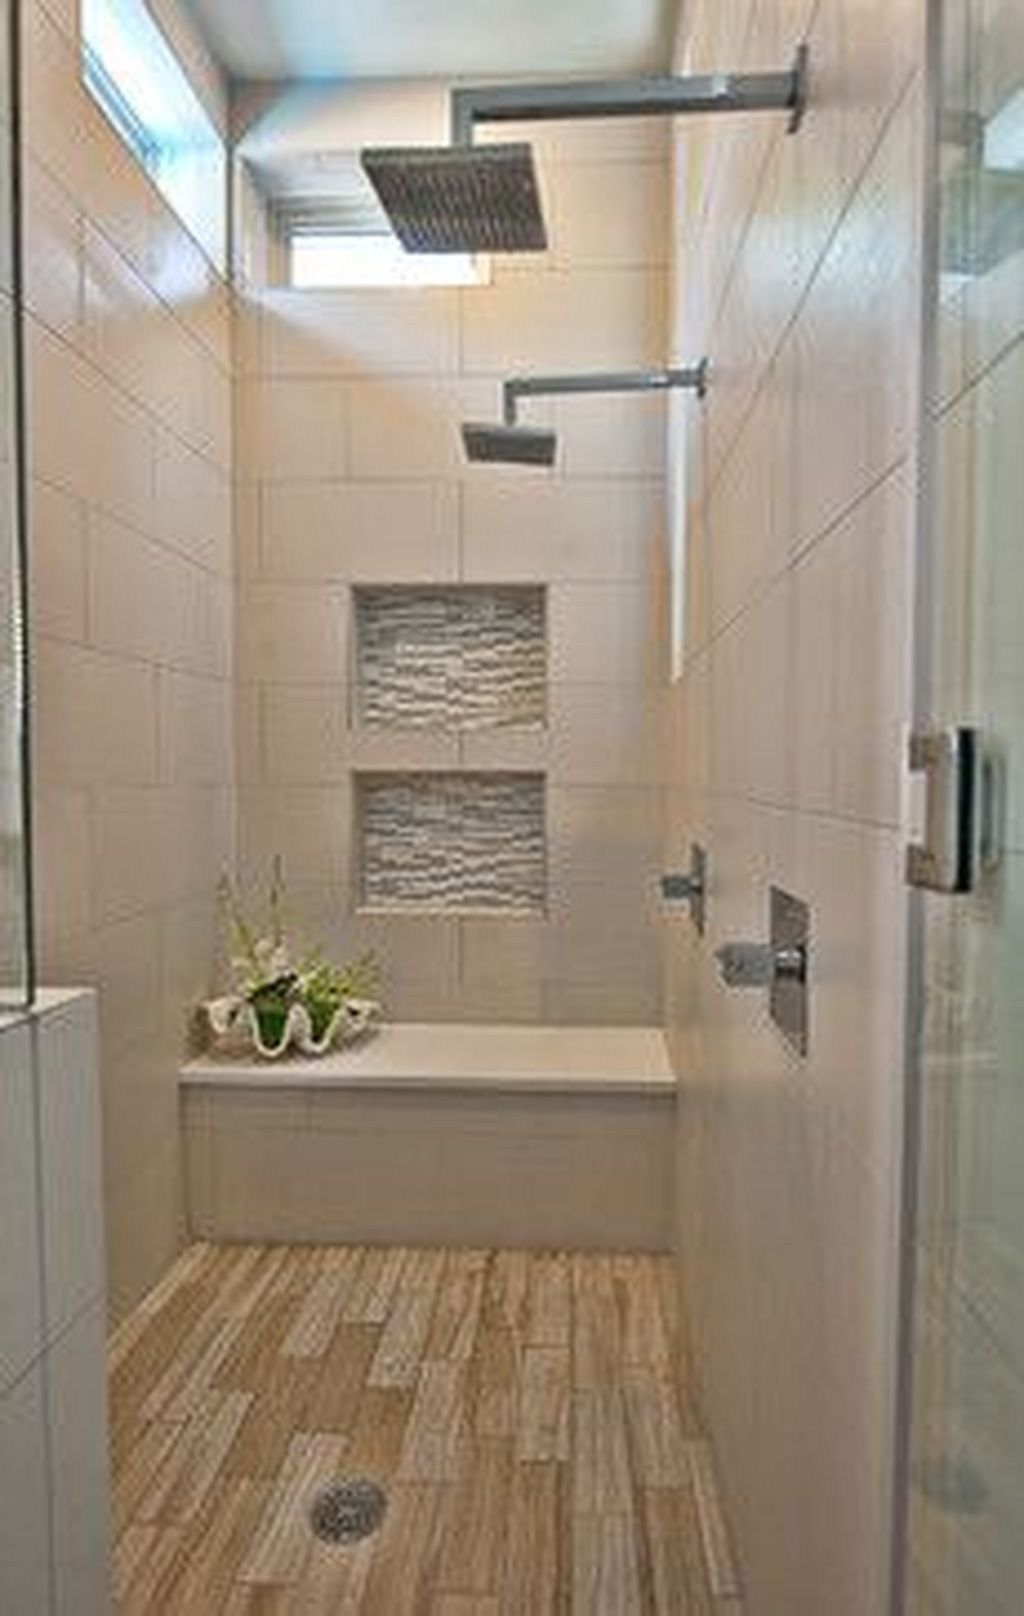 44 Beliebte Moderne Zeitgenossische Badezimmer Design Ideen Um Luxuriosen Look Zu Machen In 2020 Badezimmer Neubau Badezimmer Zeitgenossische Badezimmer